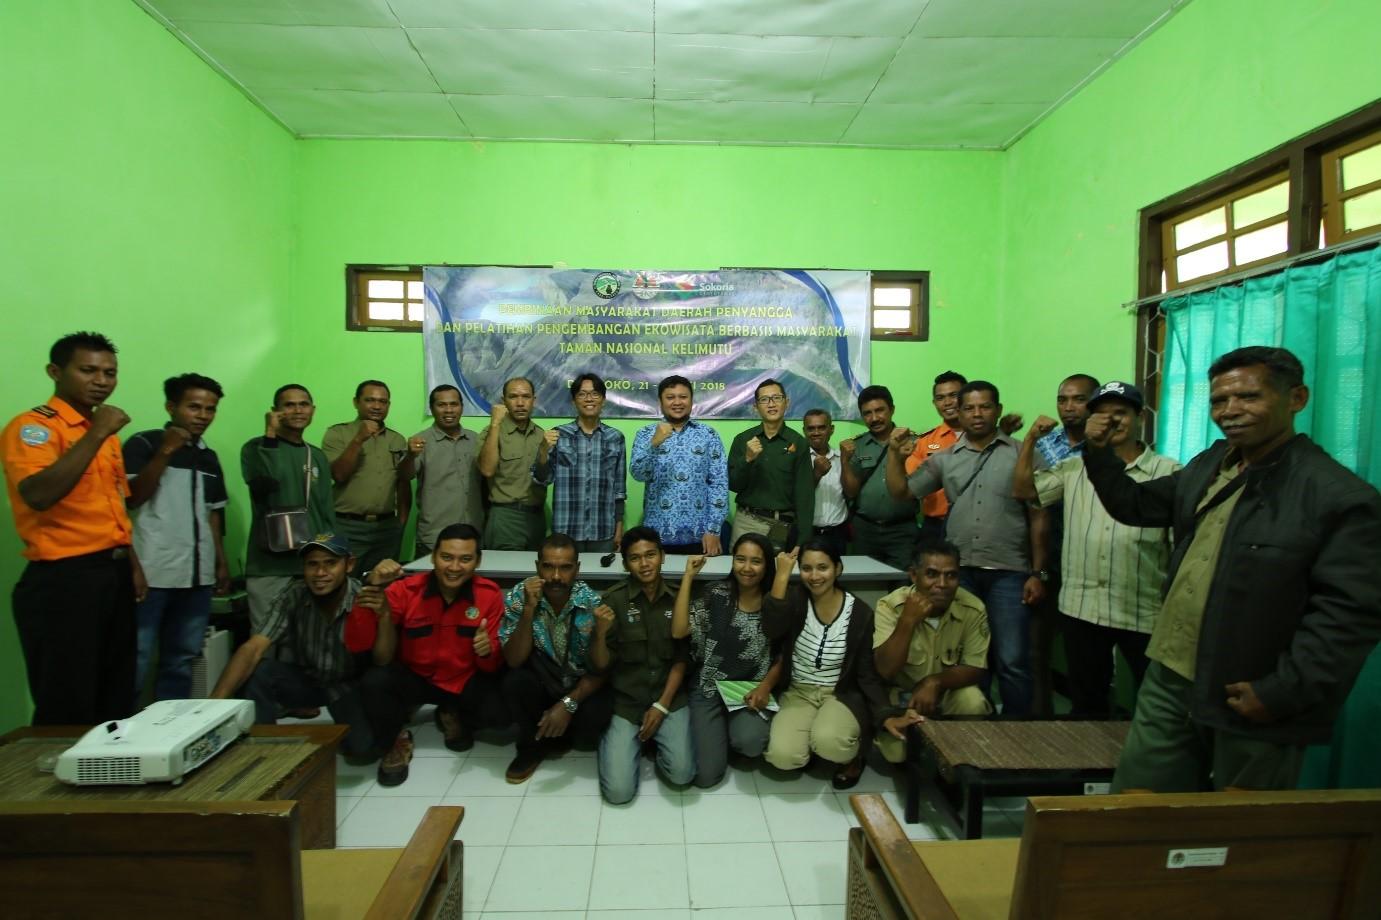 Pelatihan Pengembangan Ekowisata Berbasis Masyarakat  di Taman Nasional Kelimutu